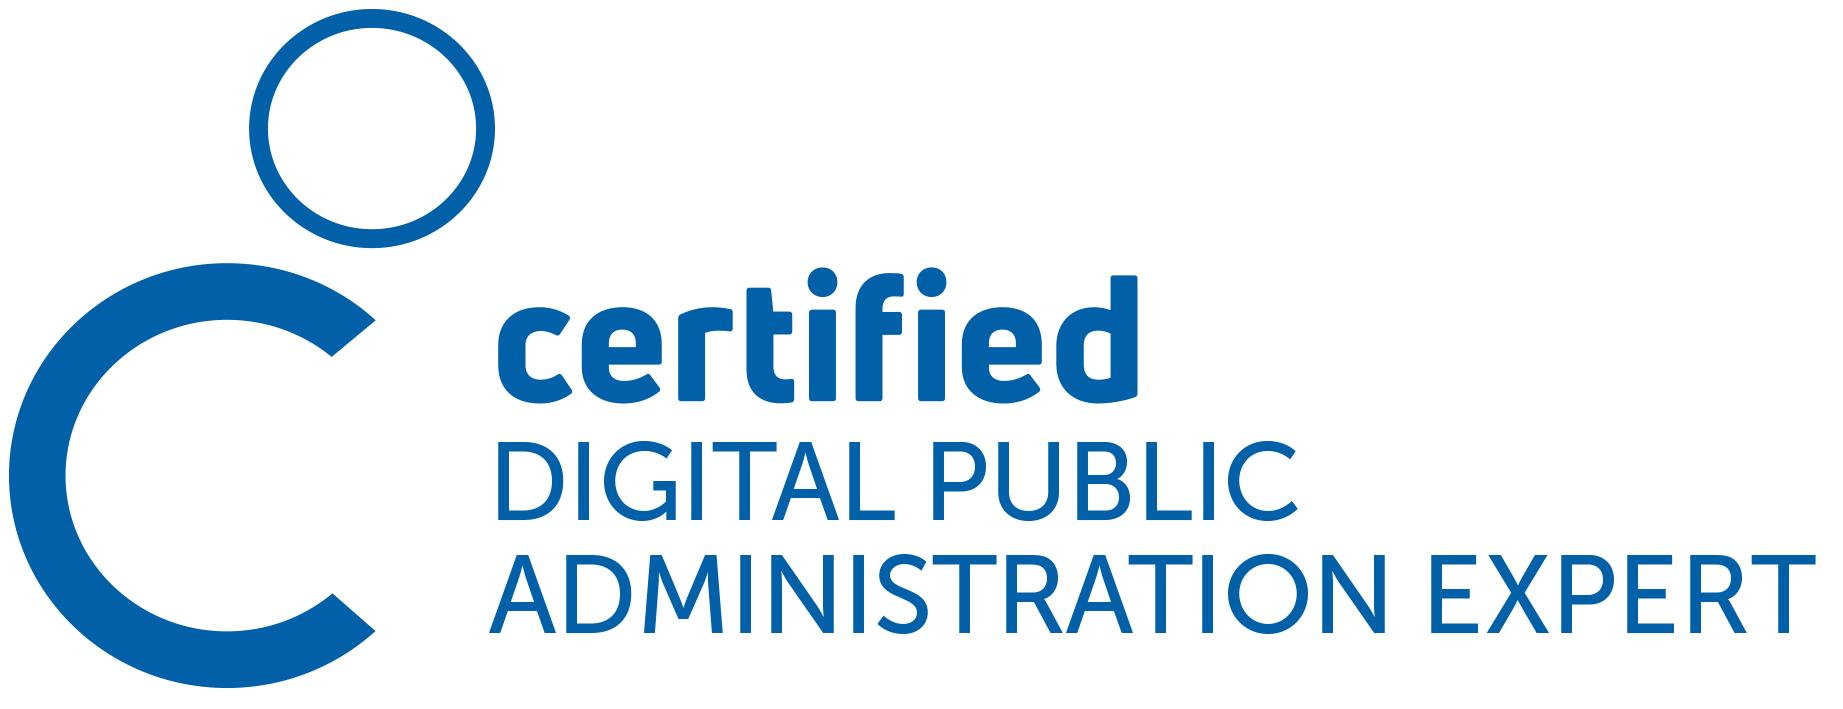 Produktlogo Zertifizierung Certified Digital Public Administration Expert